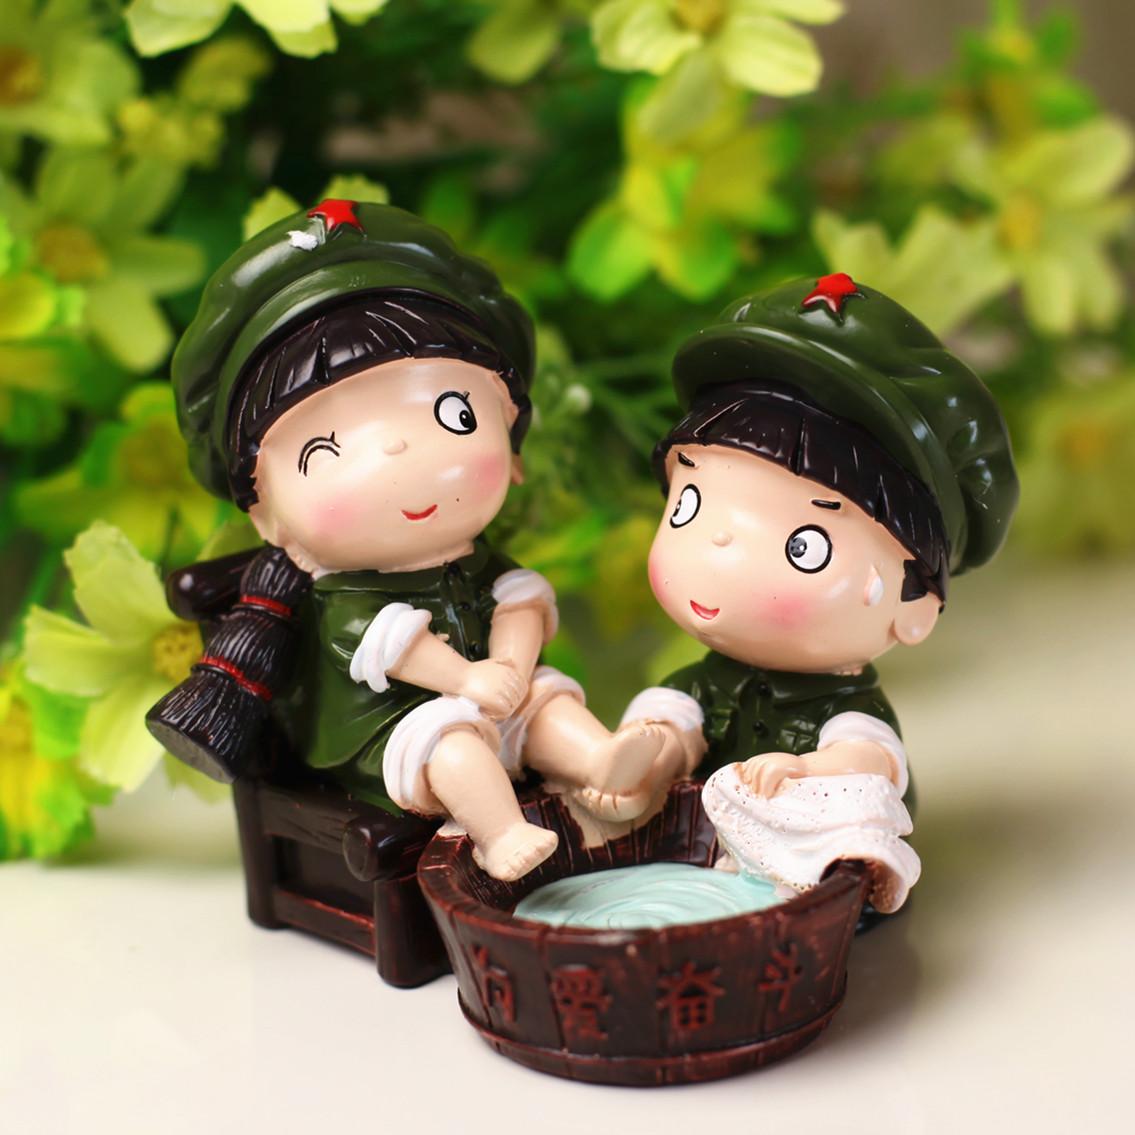 大禹正品小兵革命爱情系列公仔情侣摆件创意结婚礼物家居装饰品